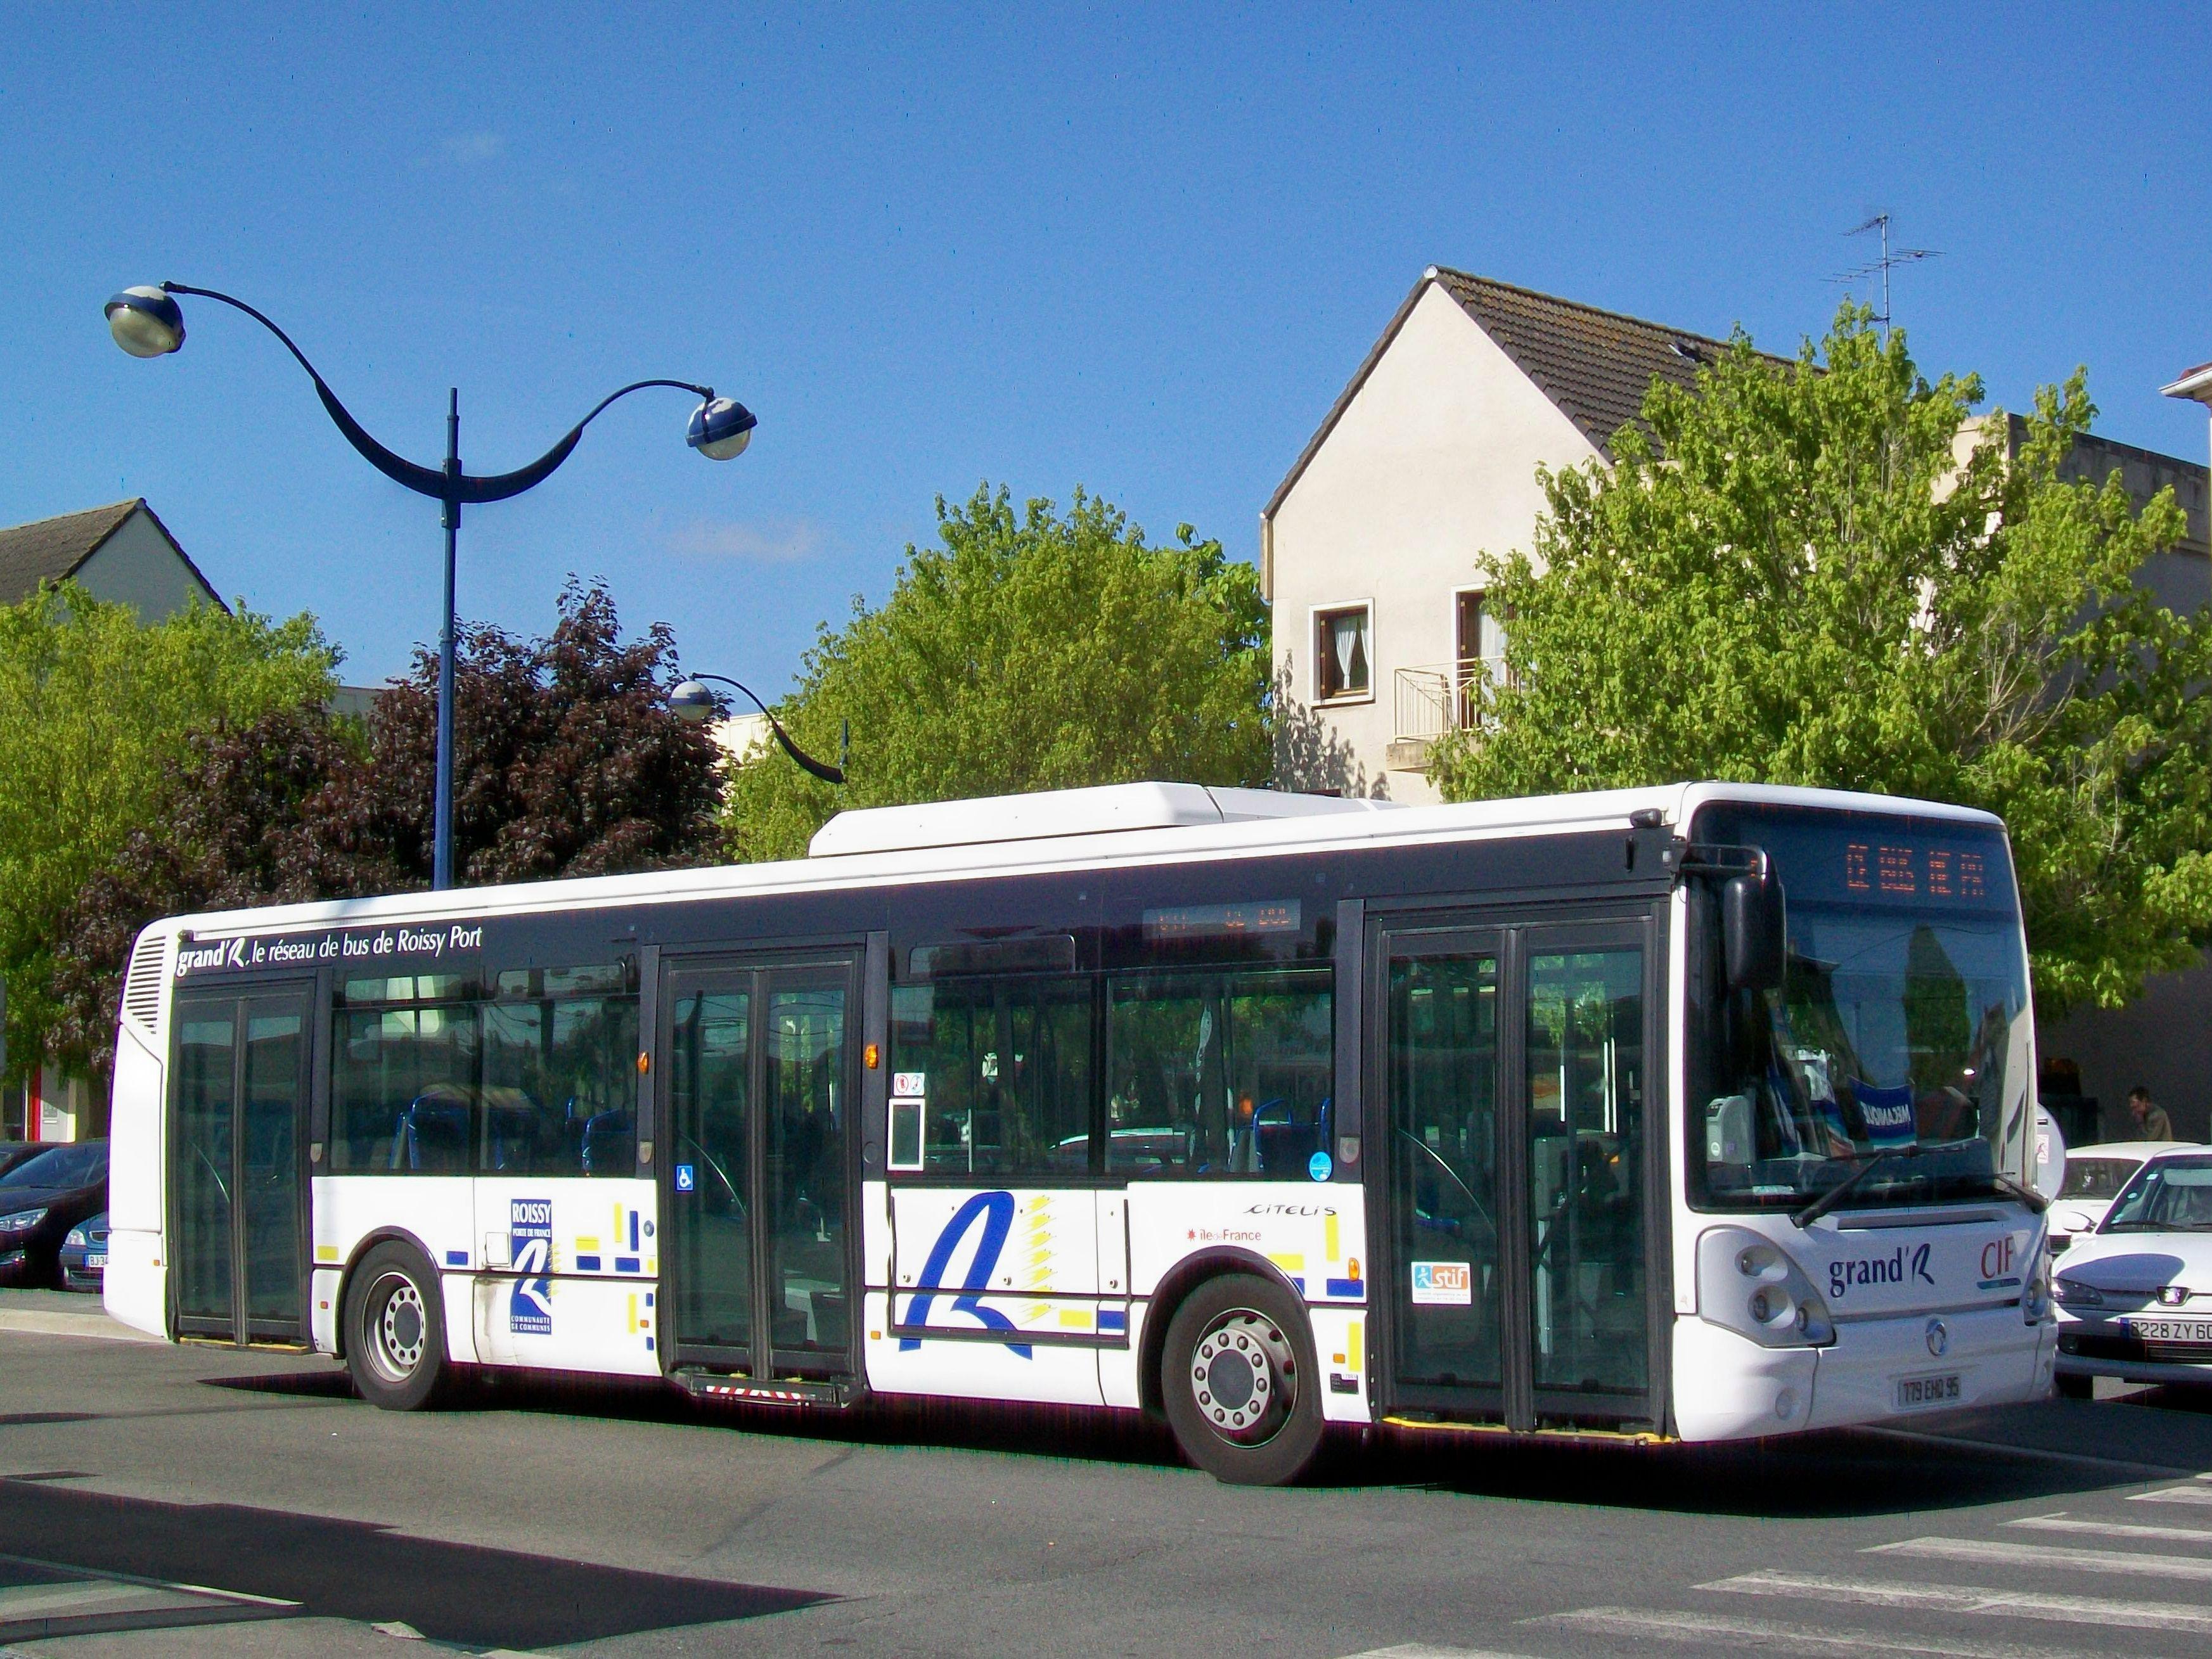 R seau de bus grand r - Ligne 118 bus ...